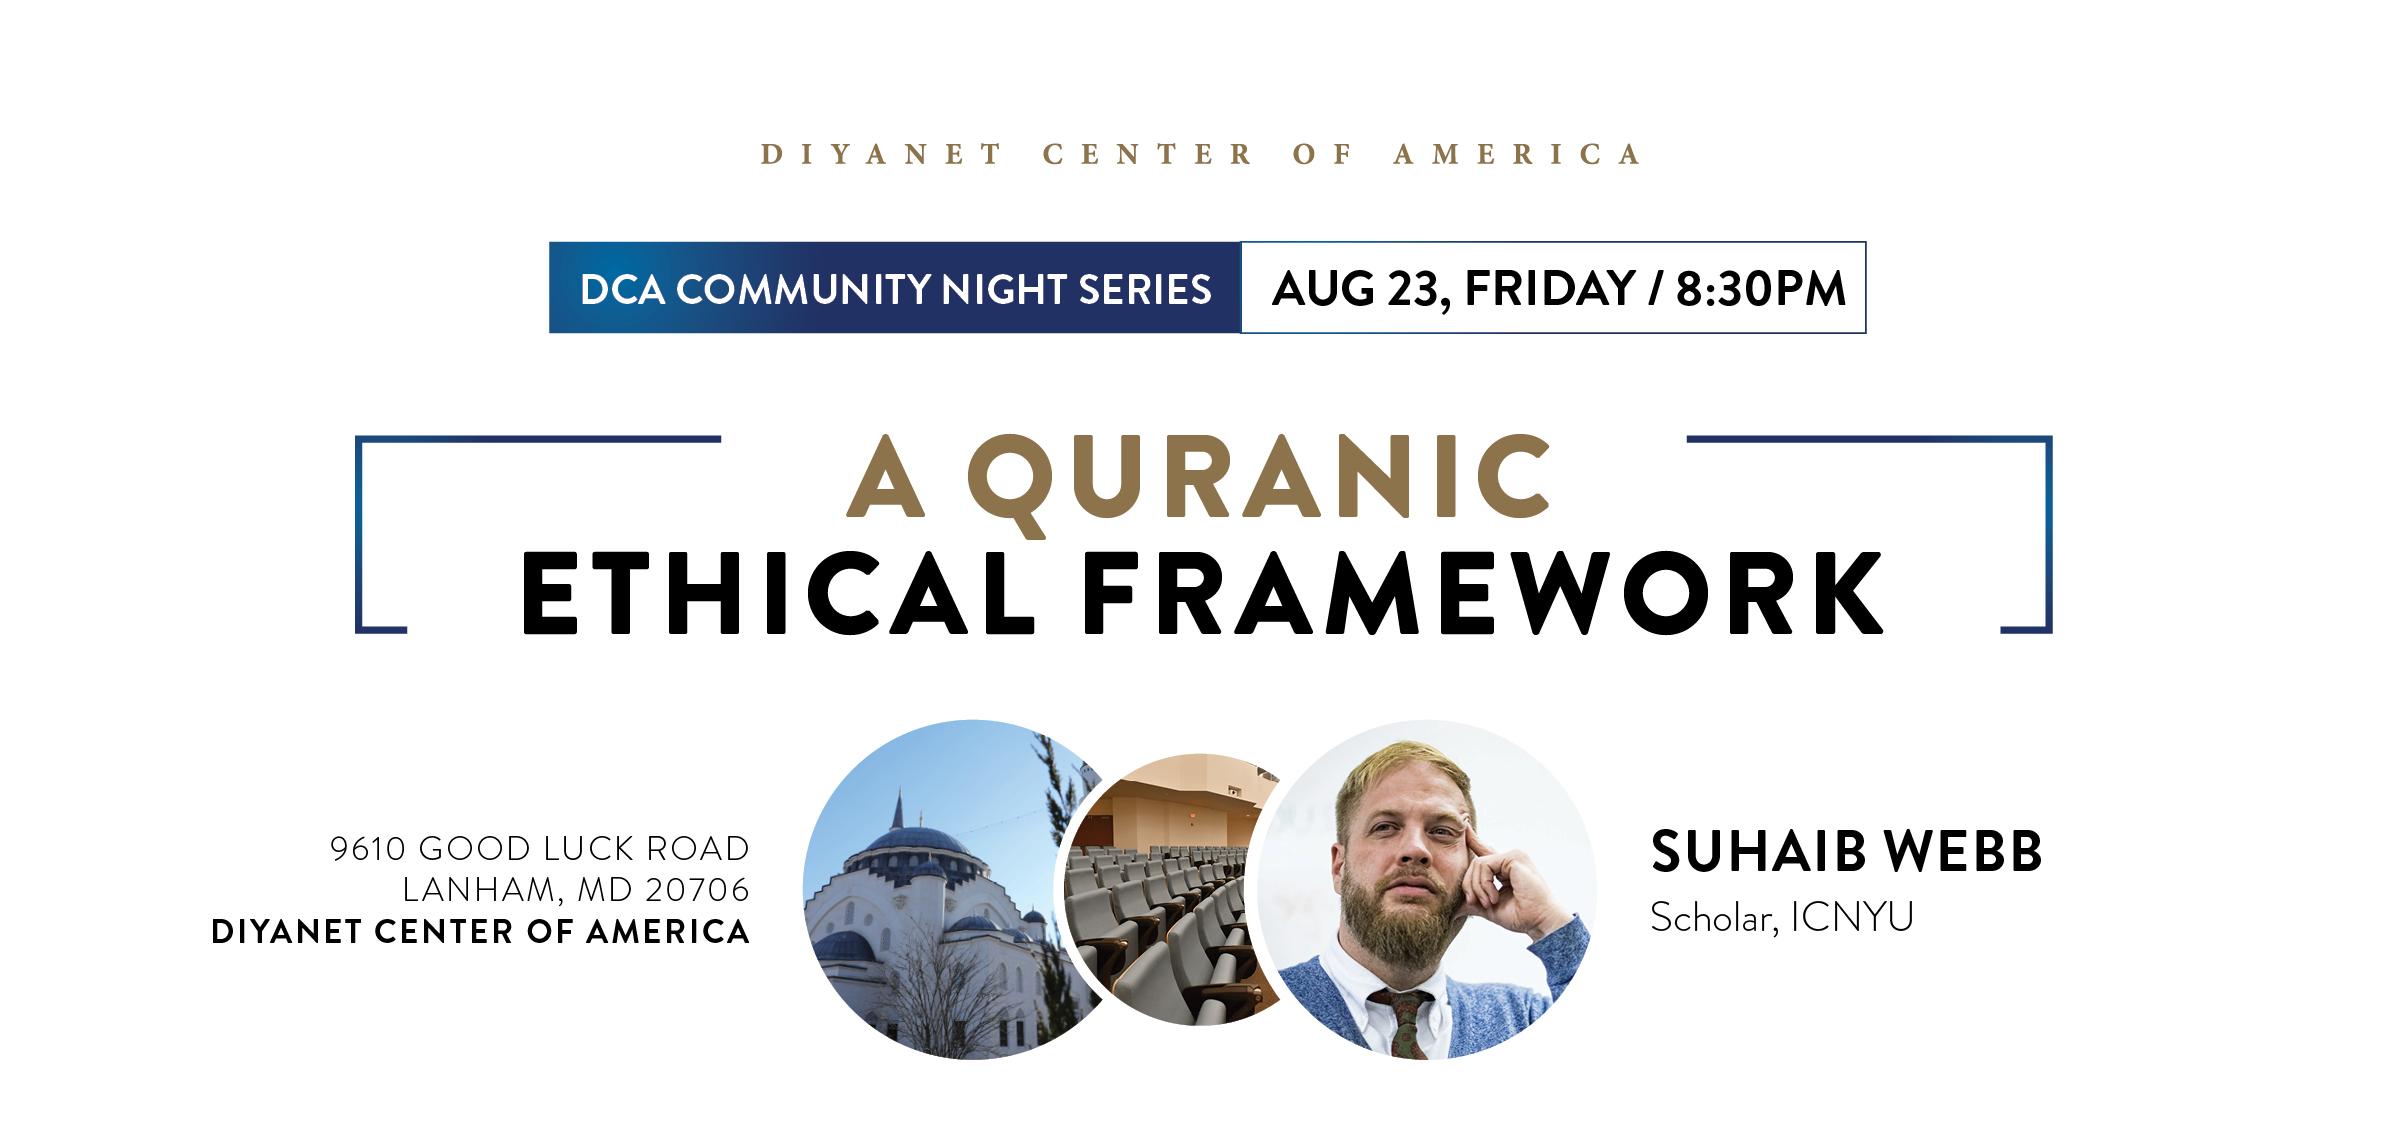 A Quranic Ethical Framework with Imam Suhaib Webb